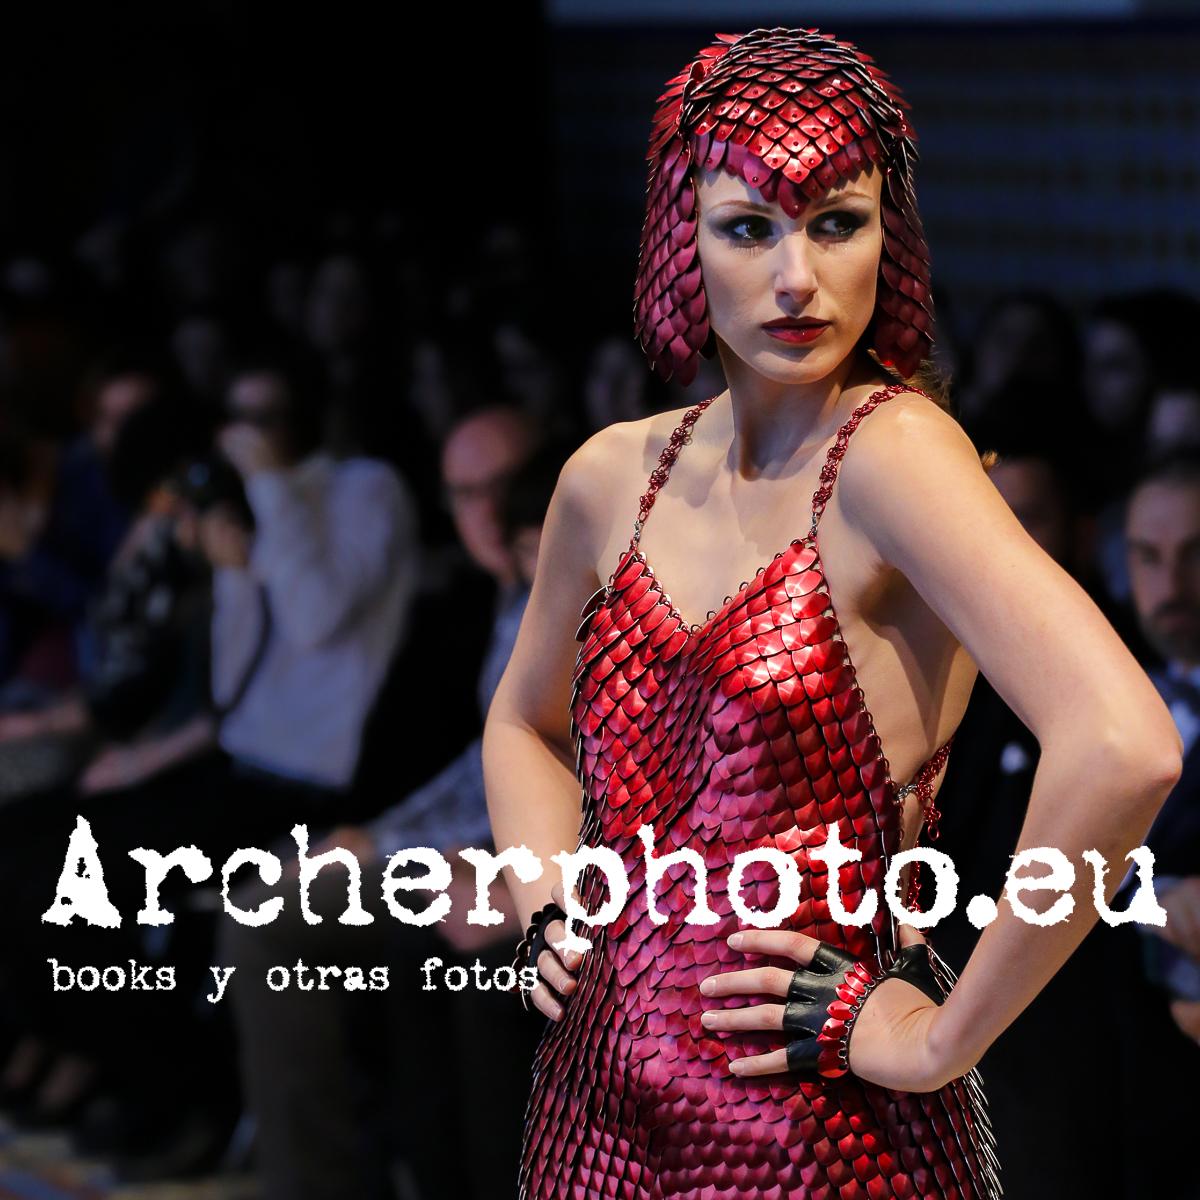 Carla Denecker in Anillarte, Valencia Fashion Week, February 8th 2013